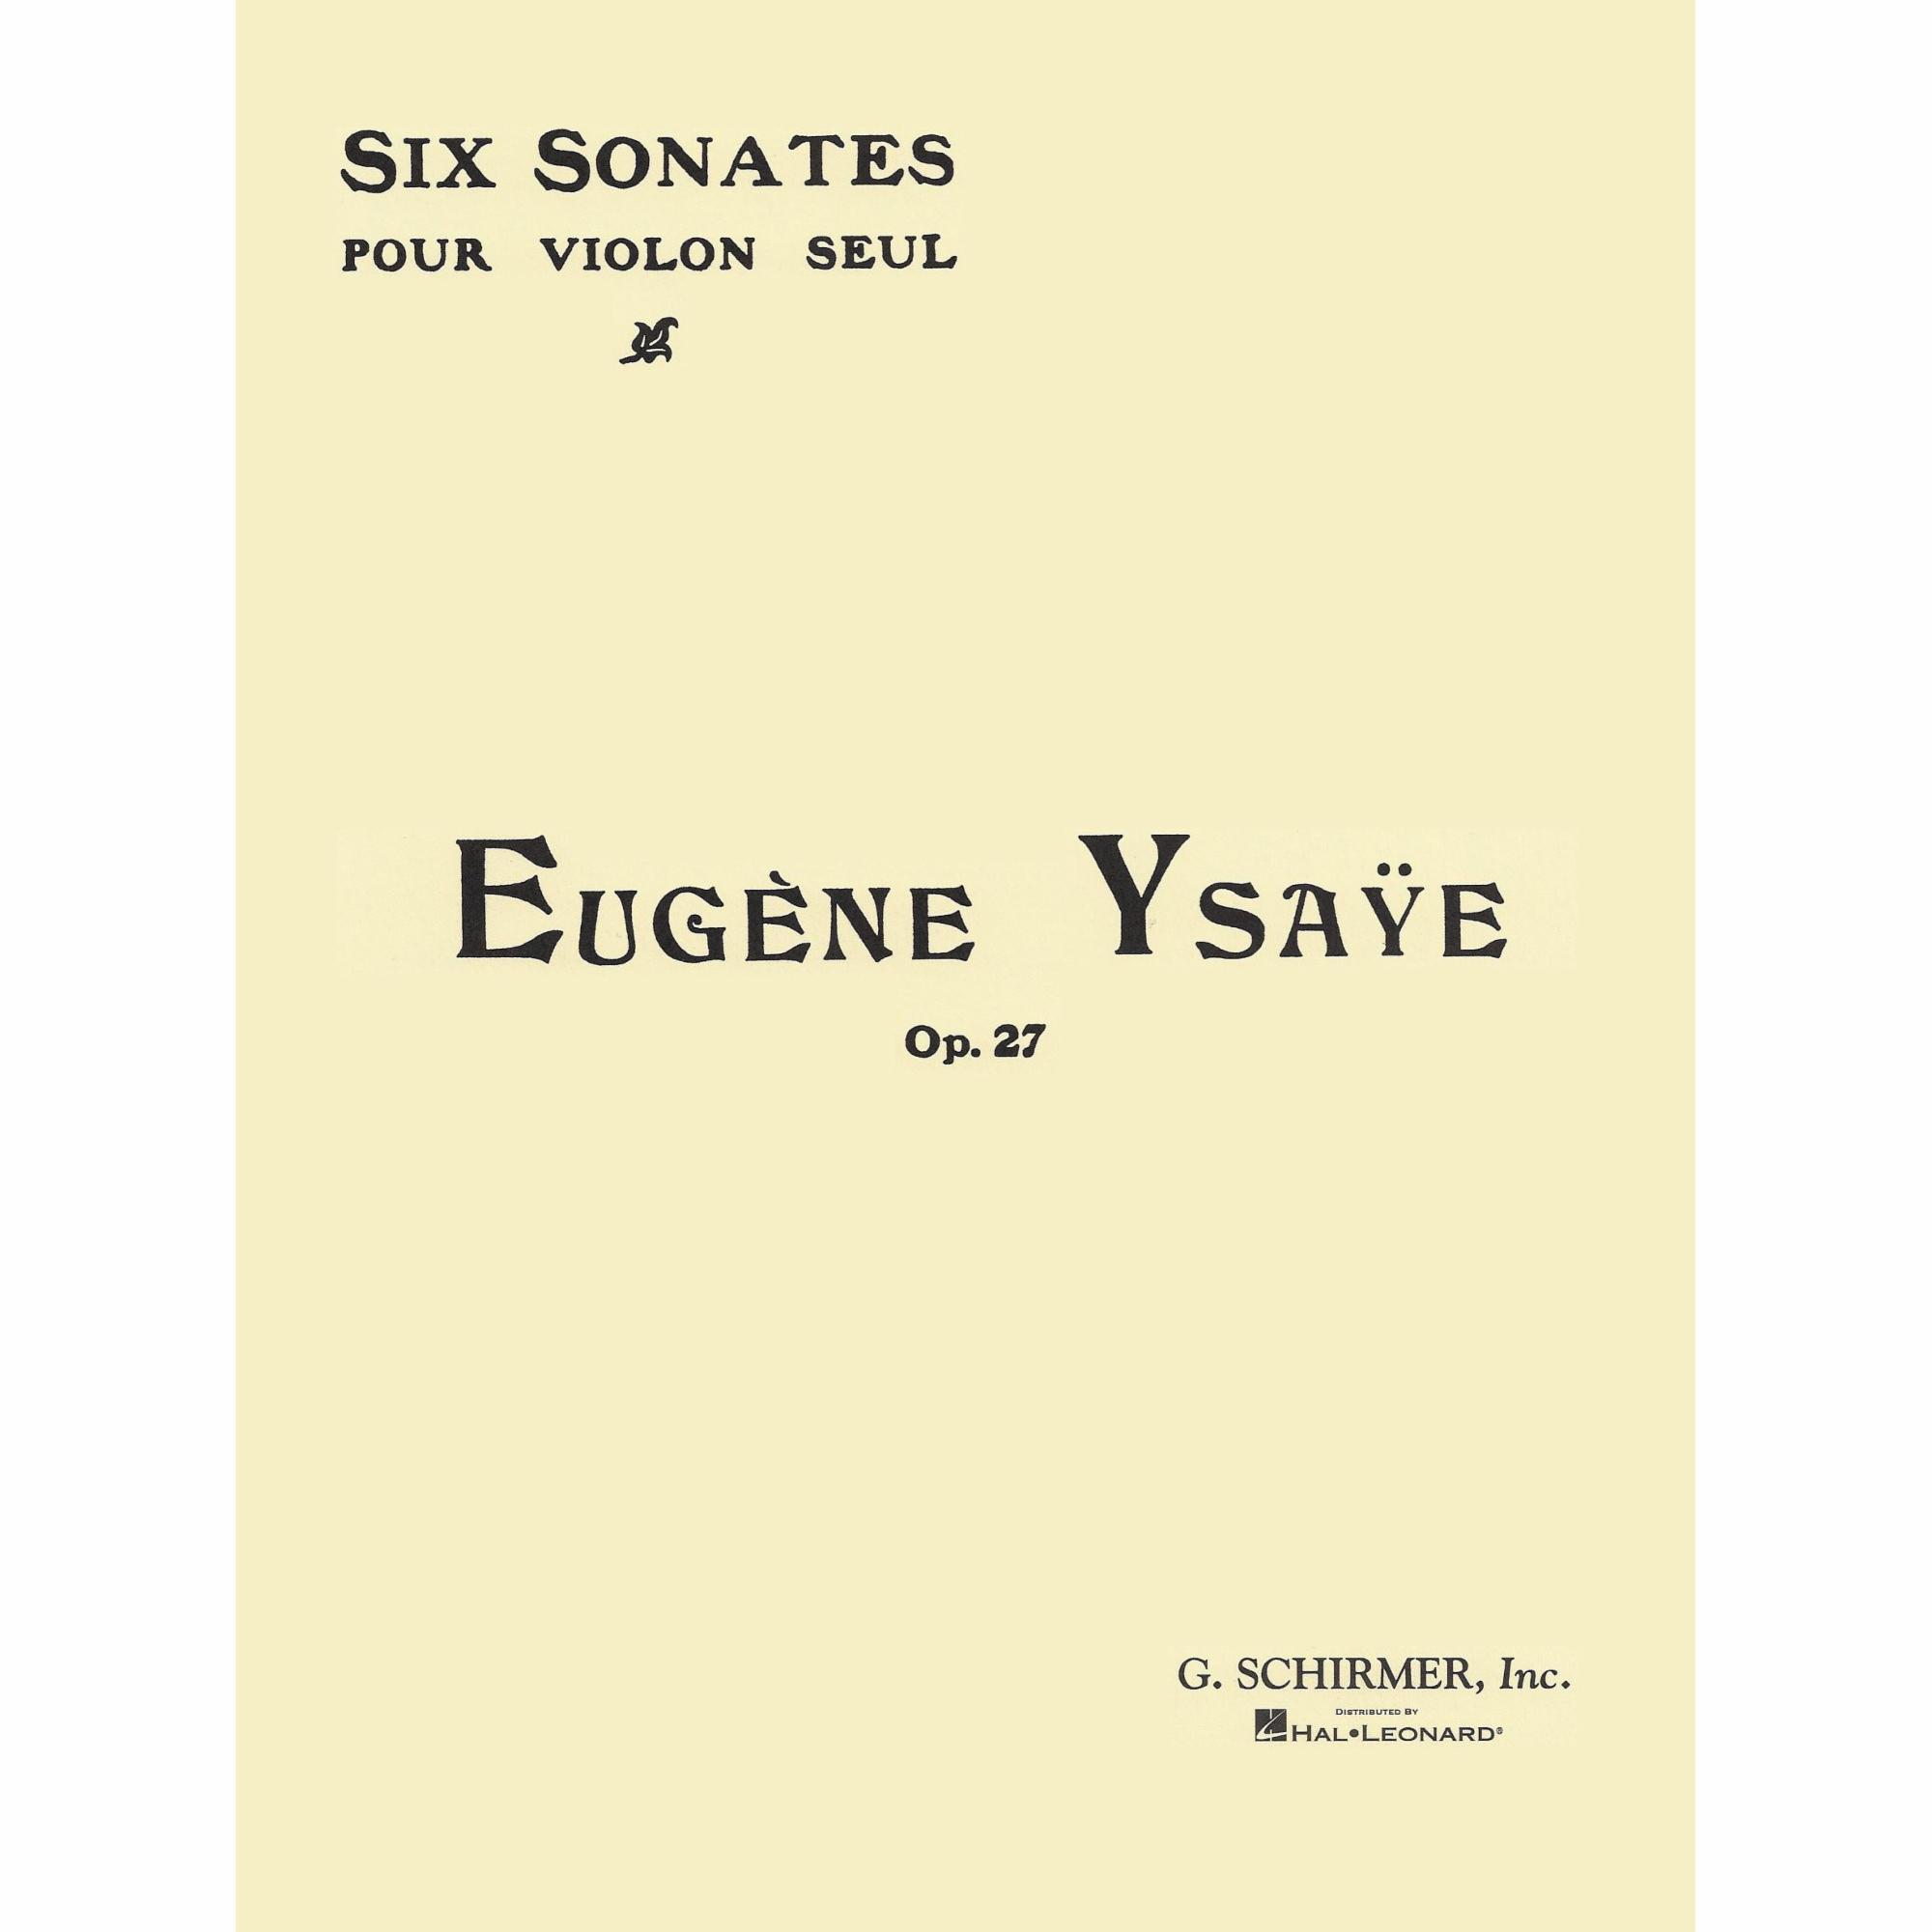 Six Sonatas, Op. 27